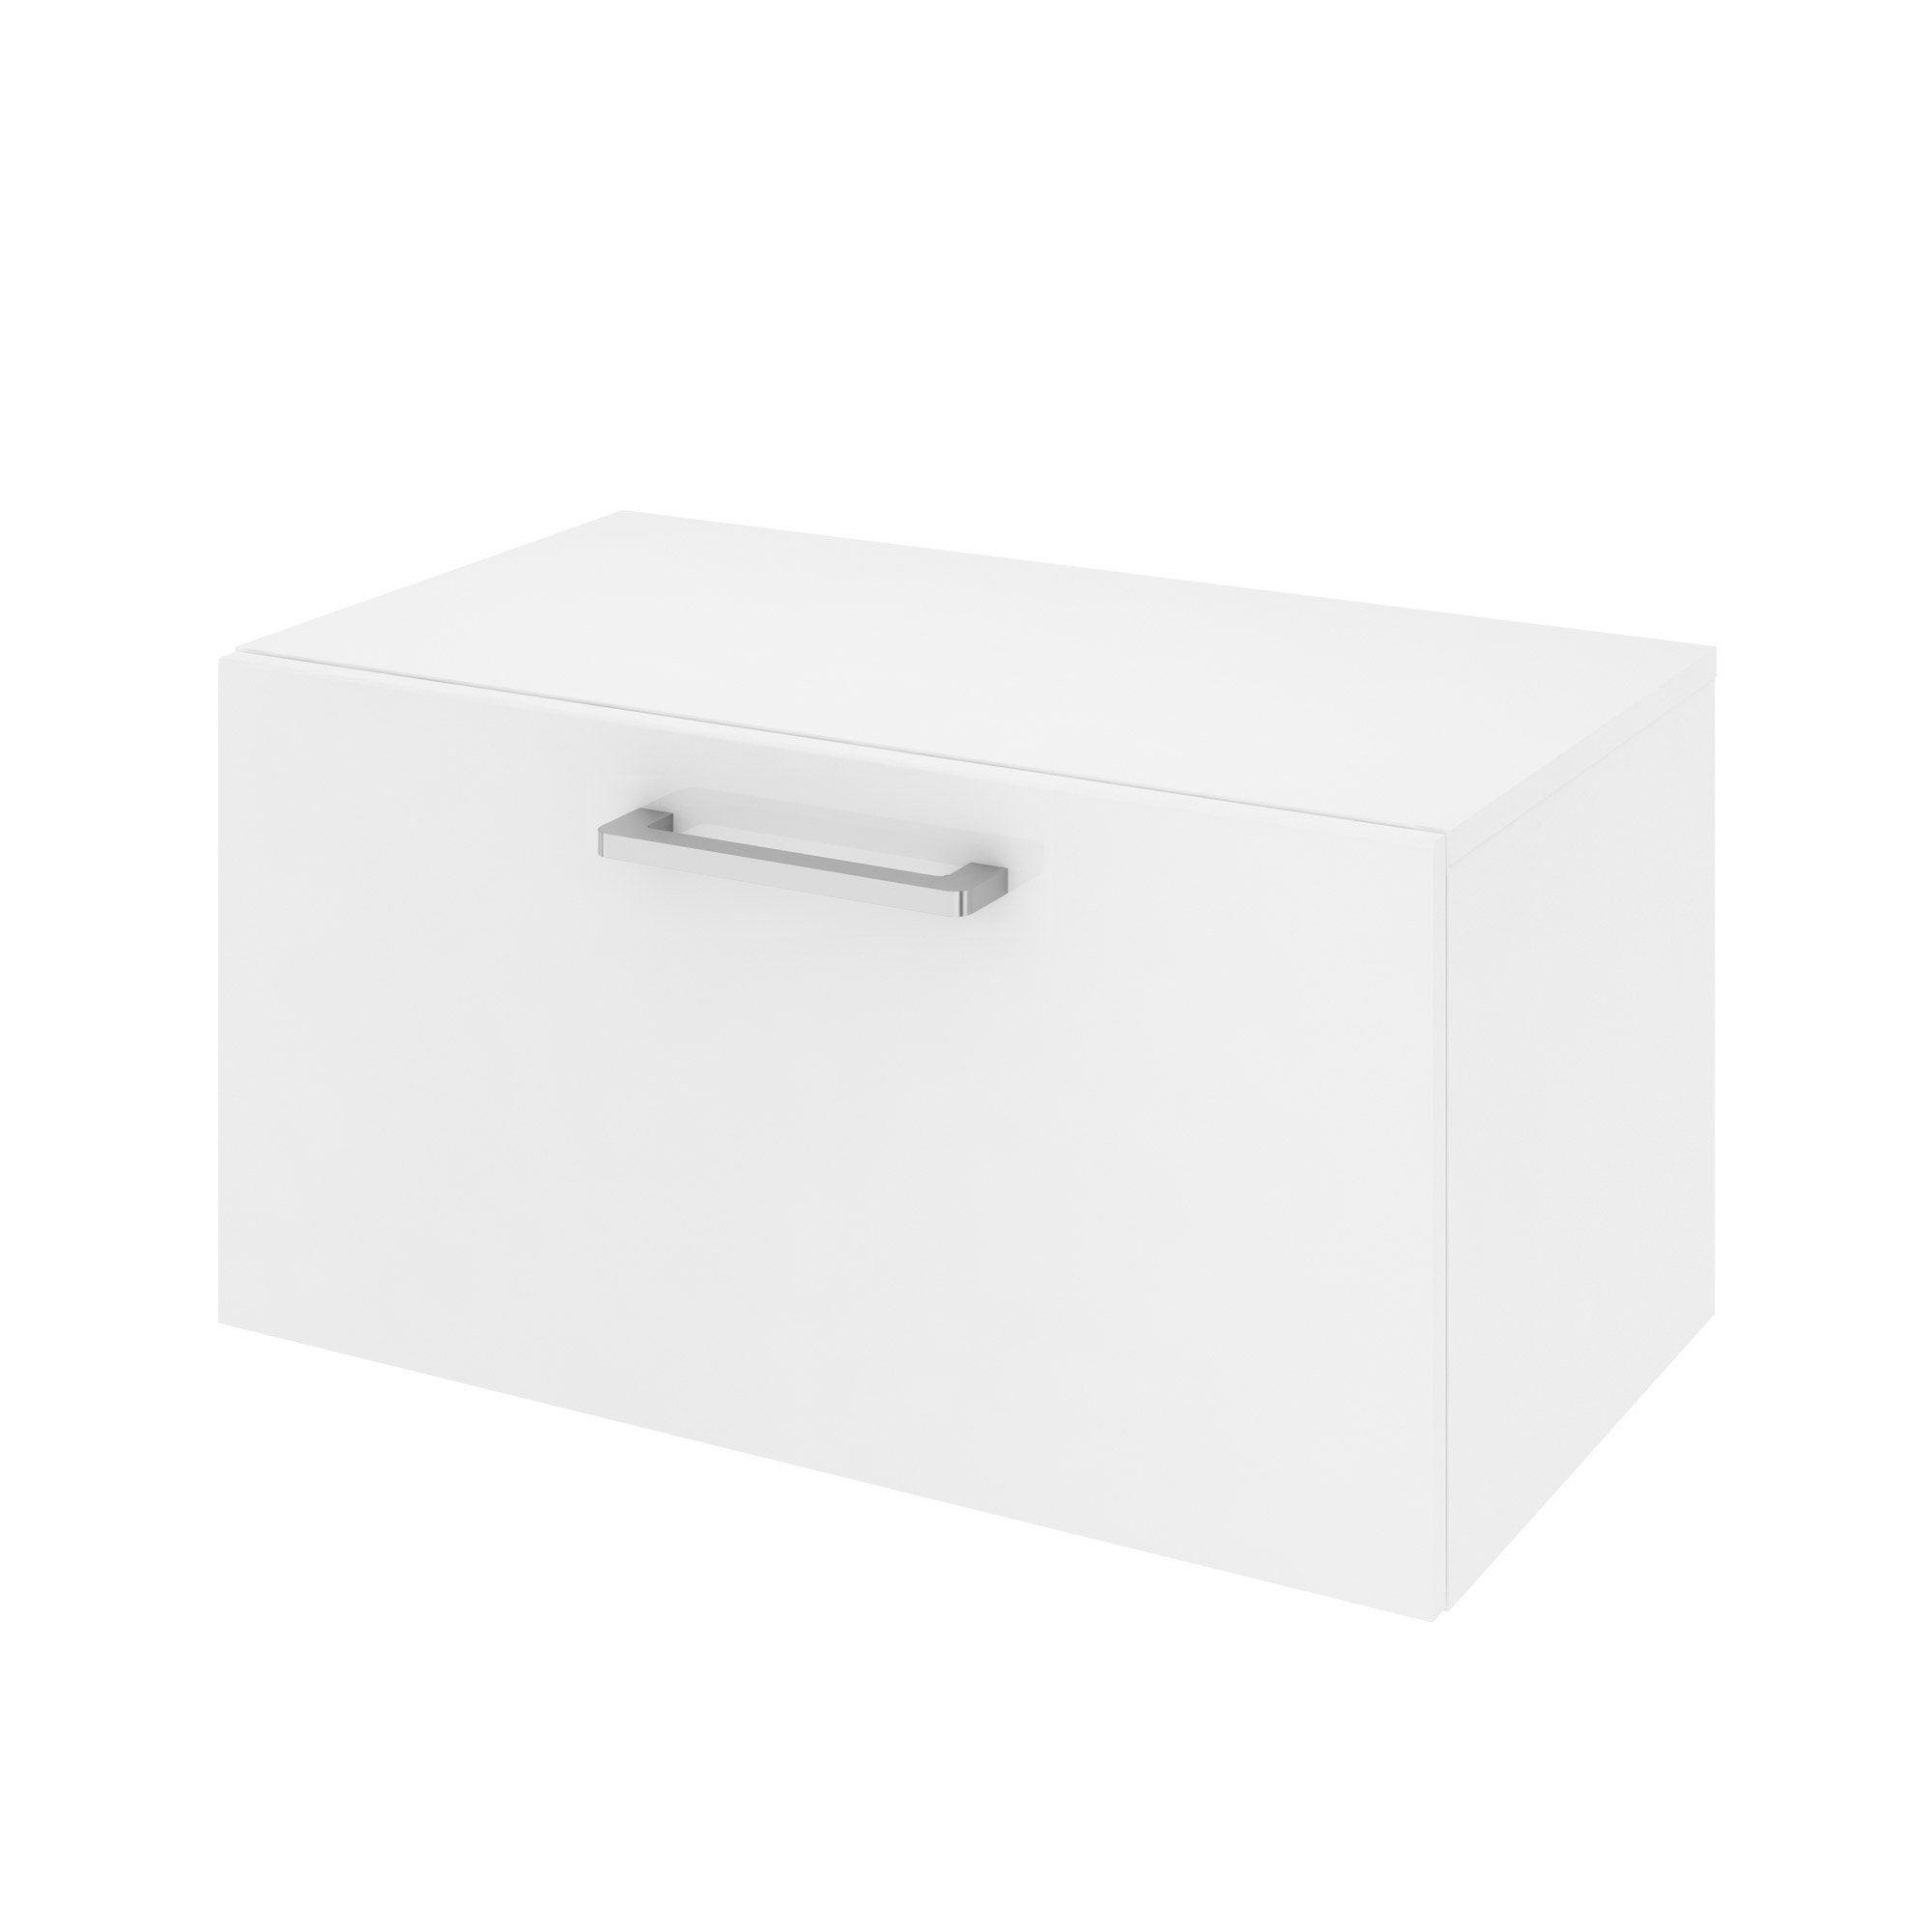 Armoire Salle De Bain 70 Cm Largeur meuble de salle de bains l.70 x h.35.9 x p.38 cm, blanc, easy